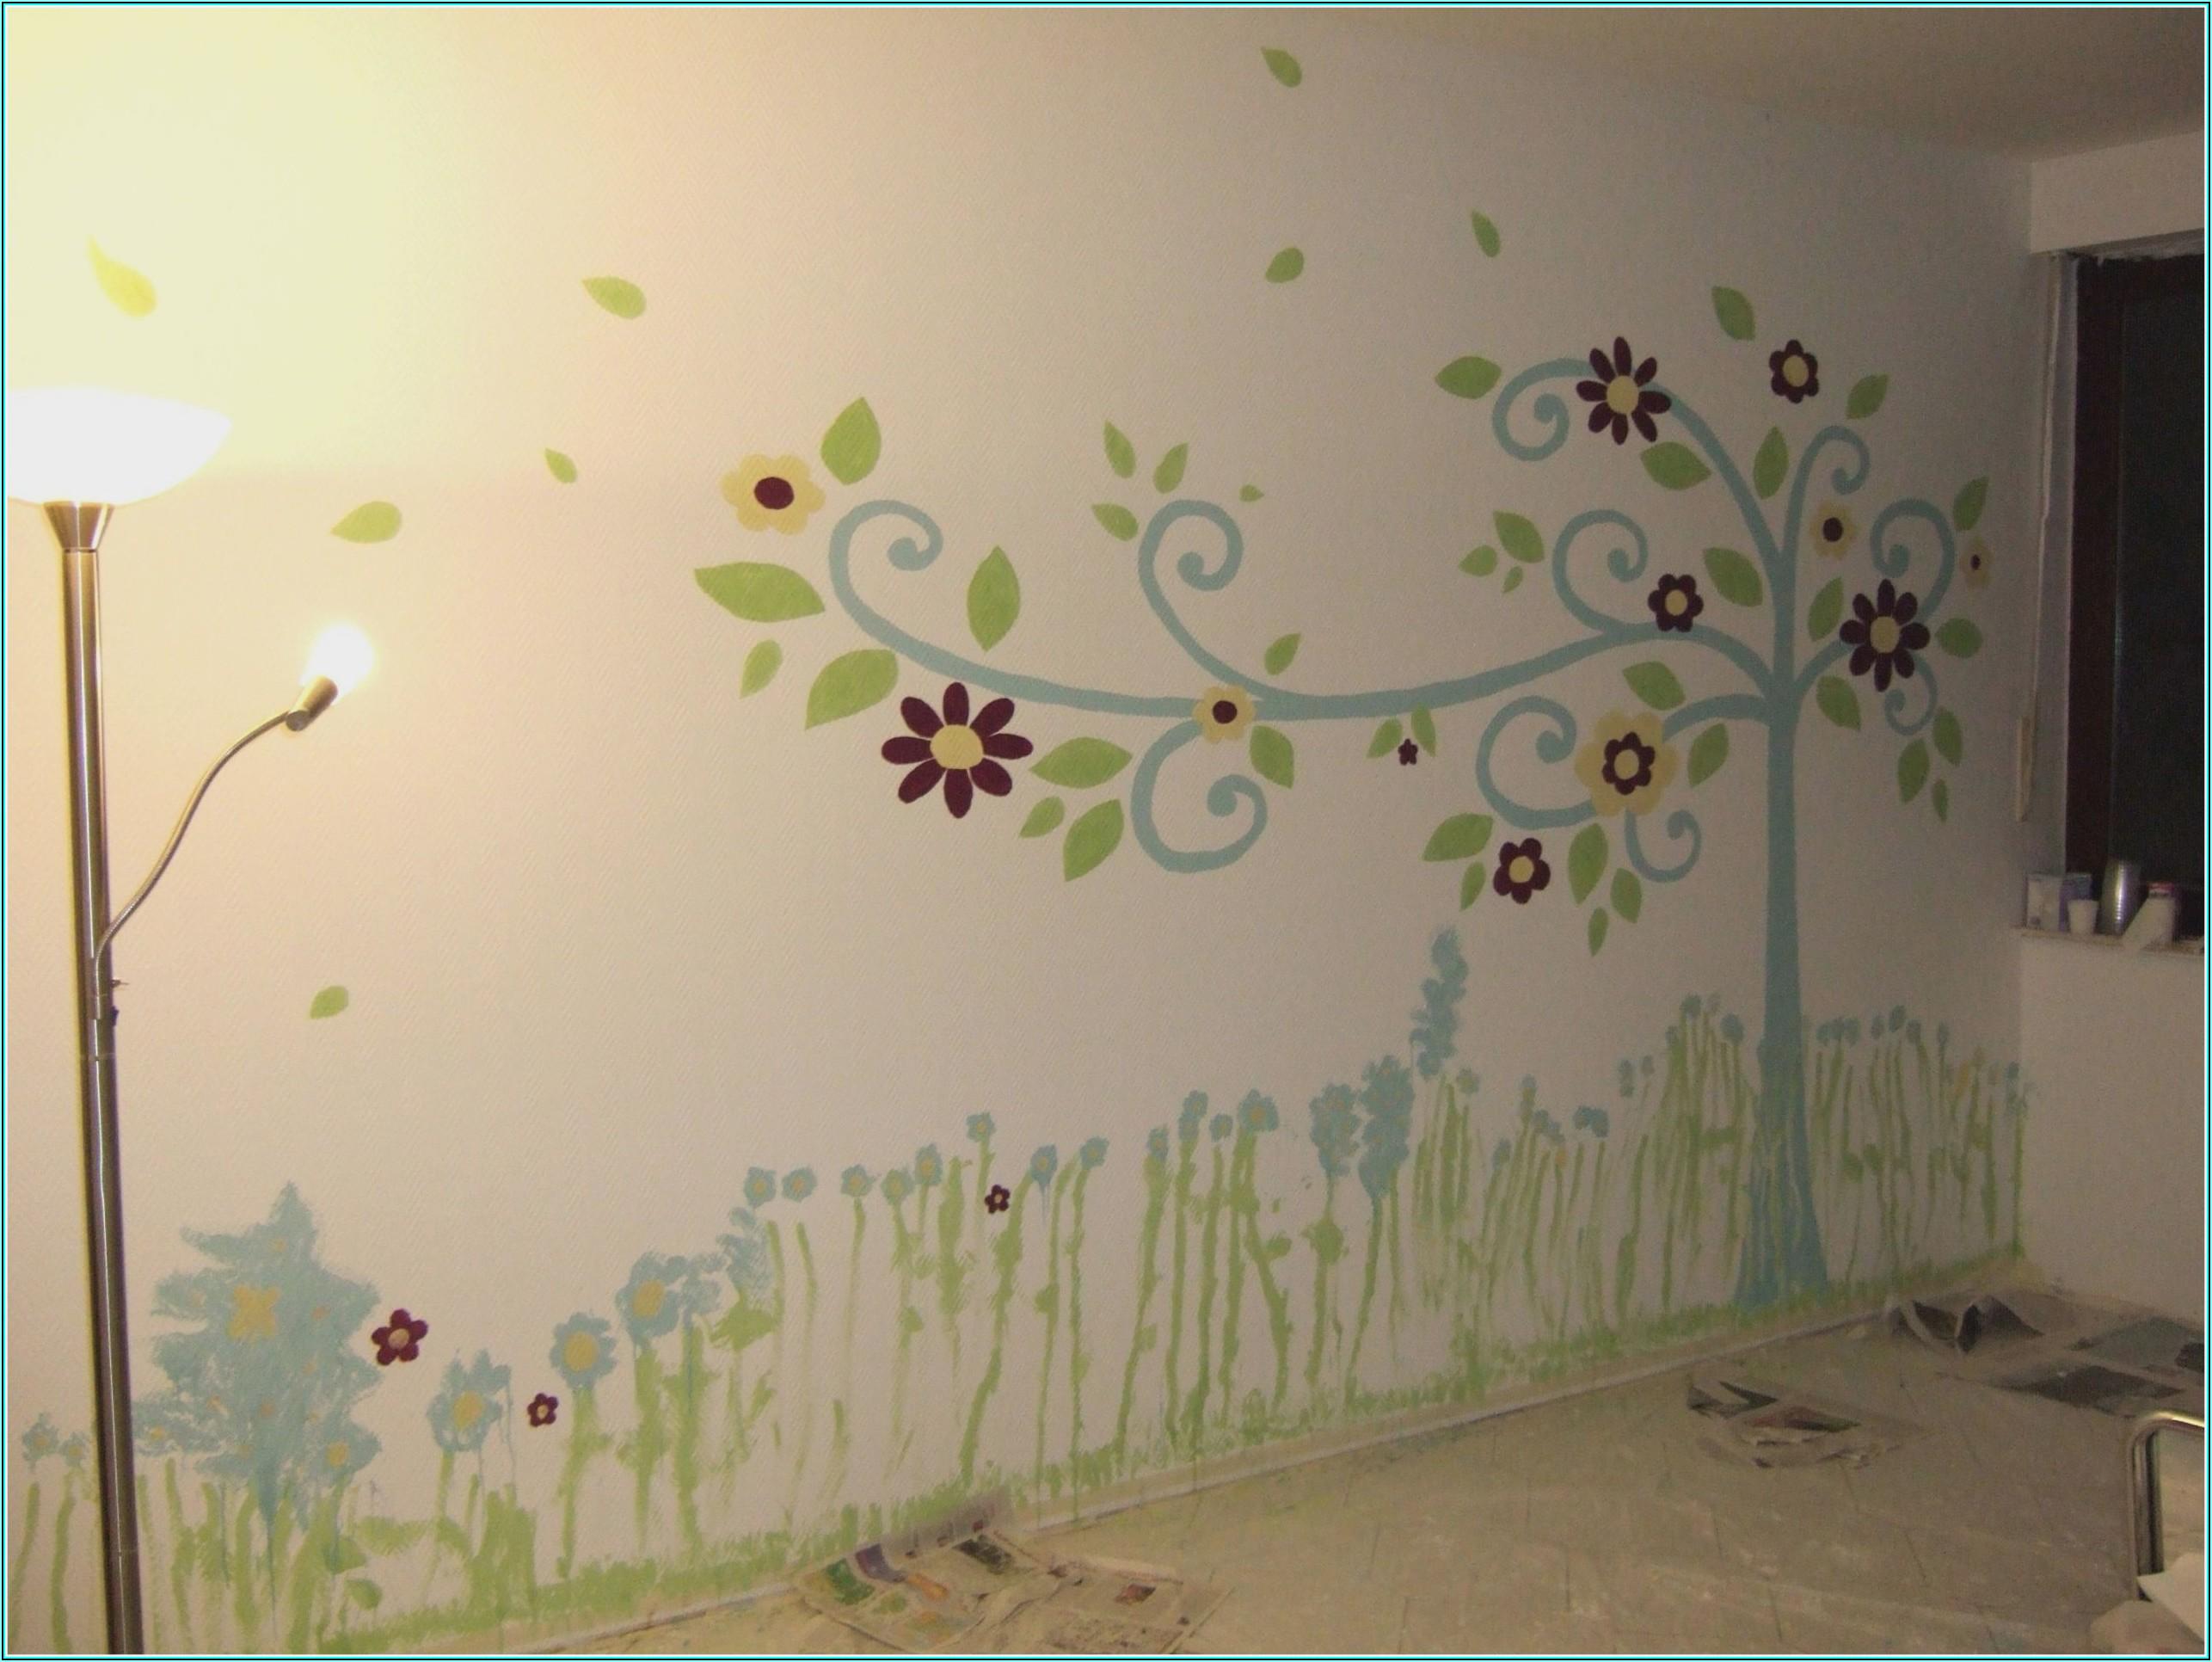 Wohnzimmer Bilder Selber Malen